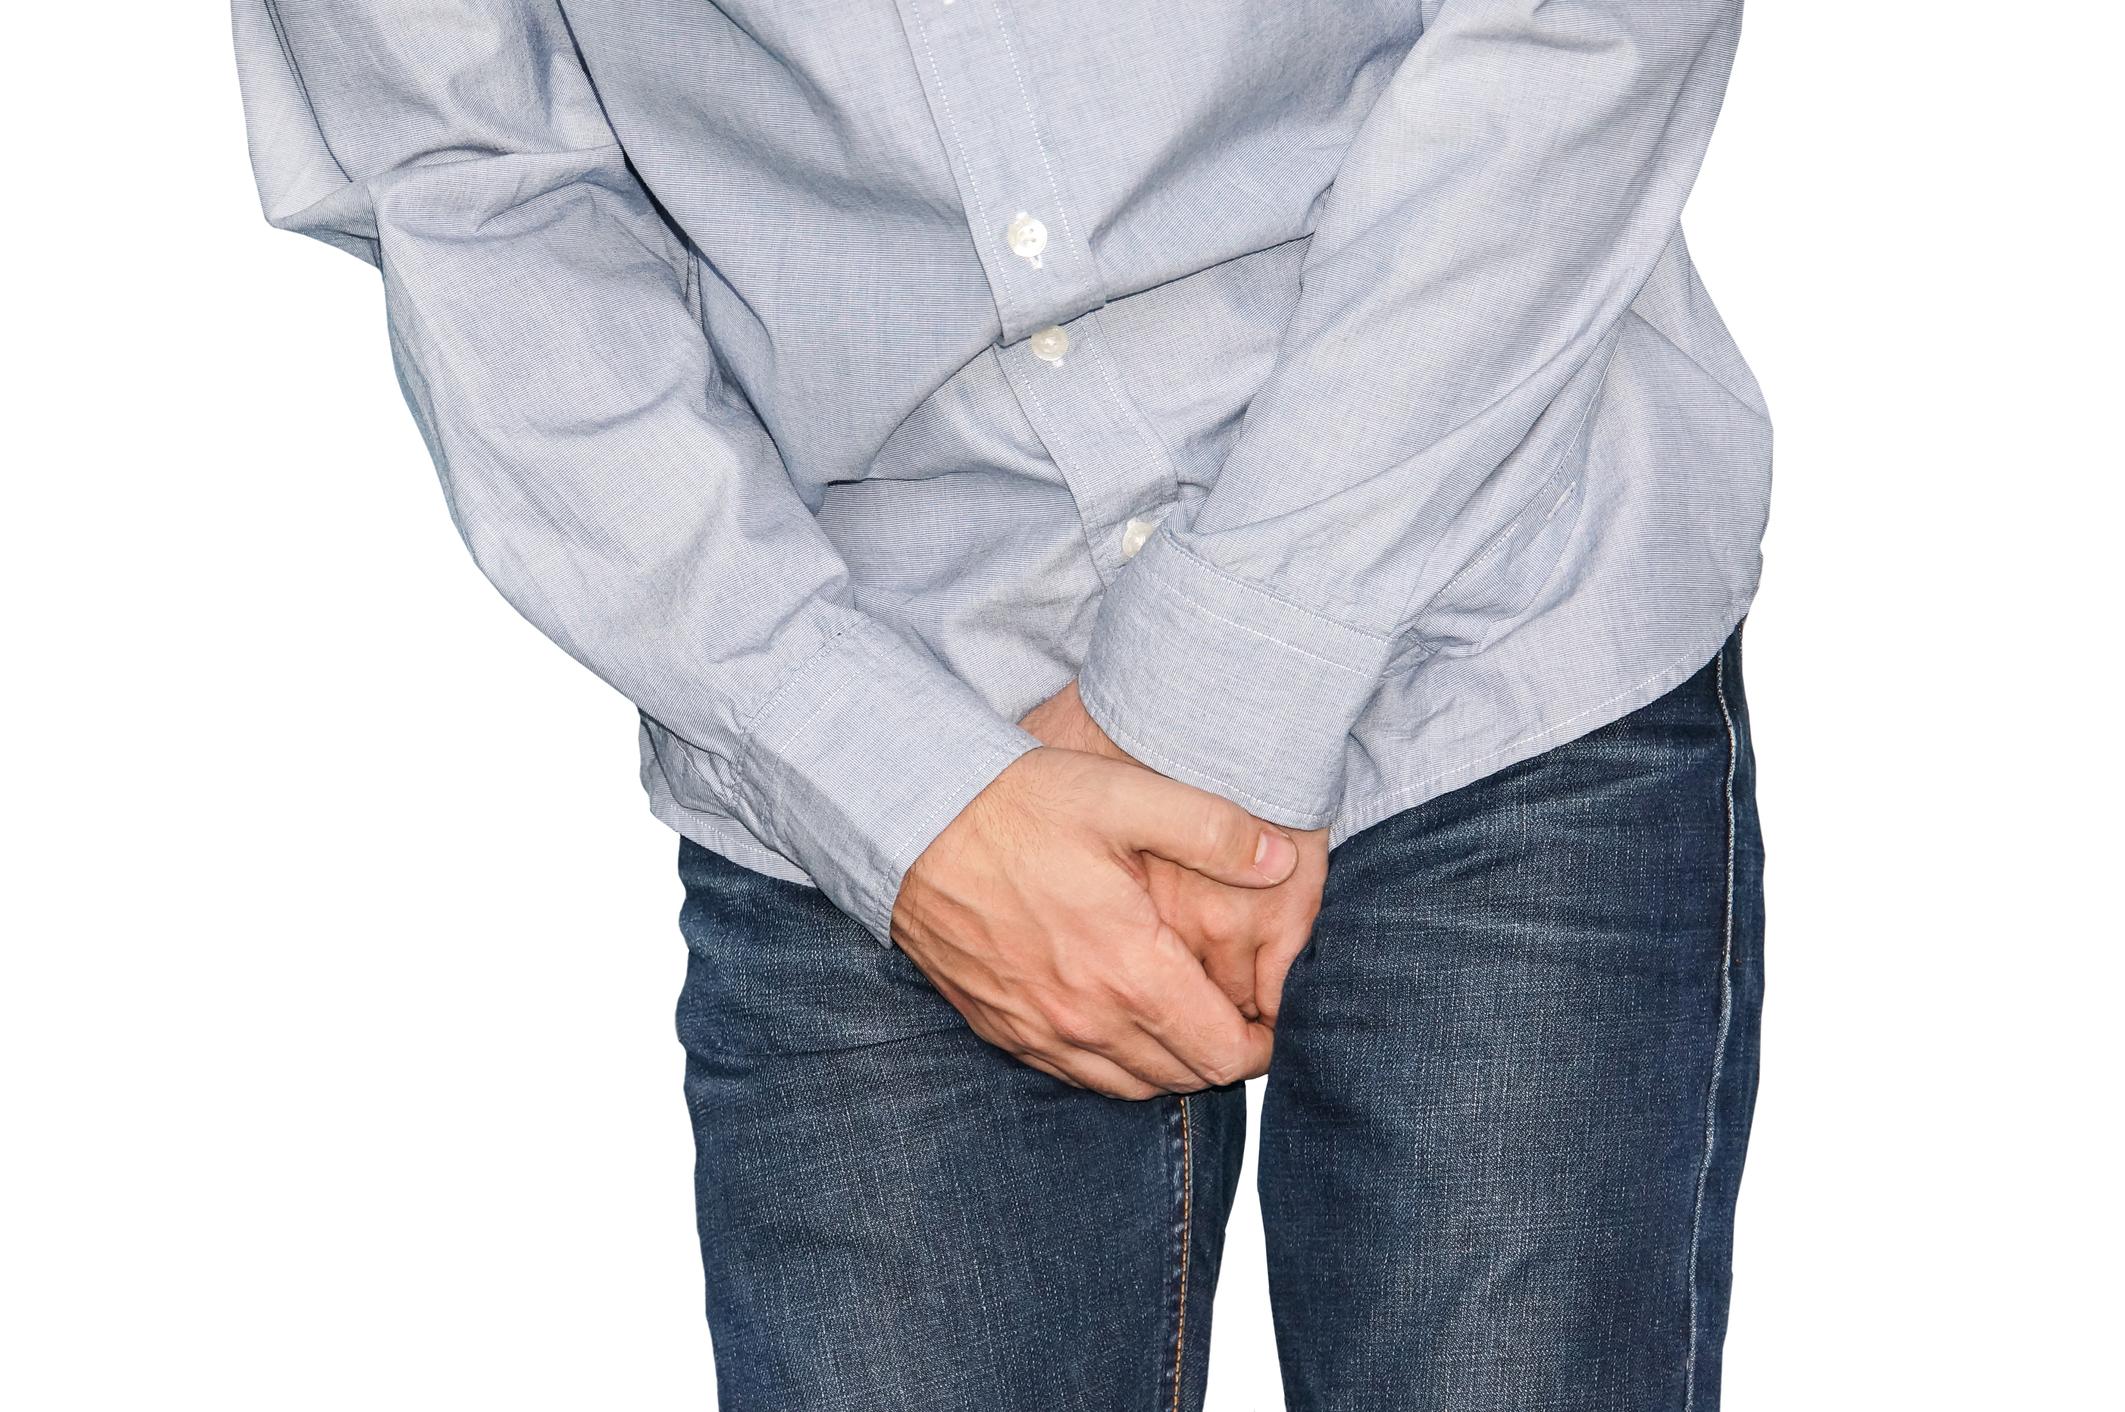 Mitől reped ki a bőr a pénisz oldalán?   cerbonafieszta.hu